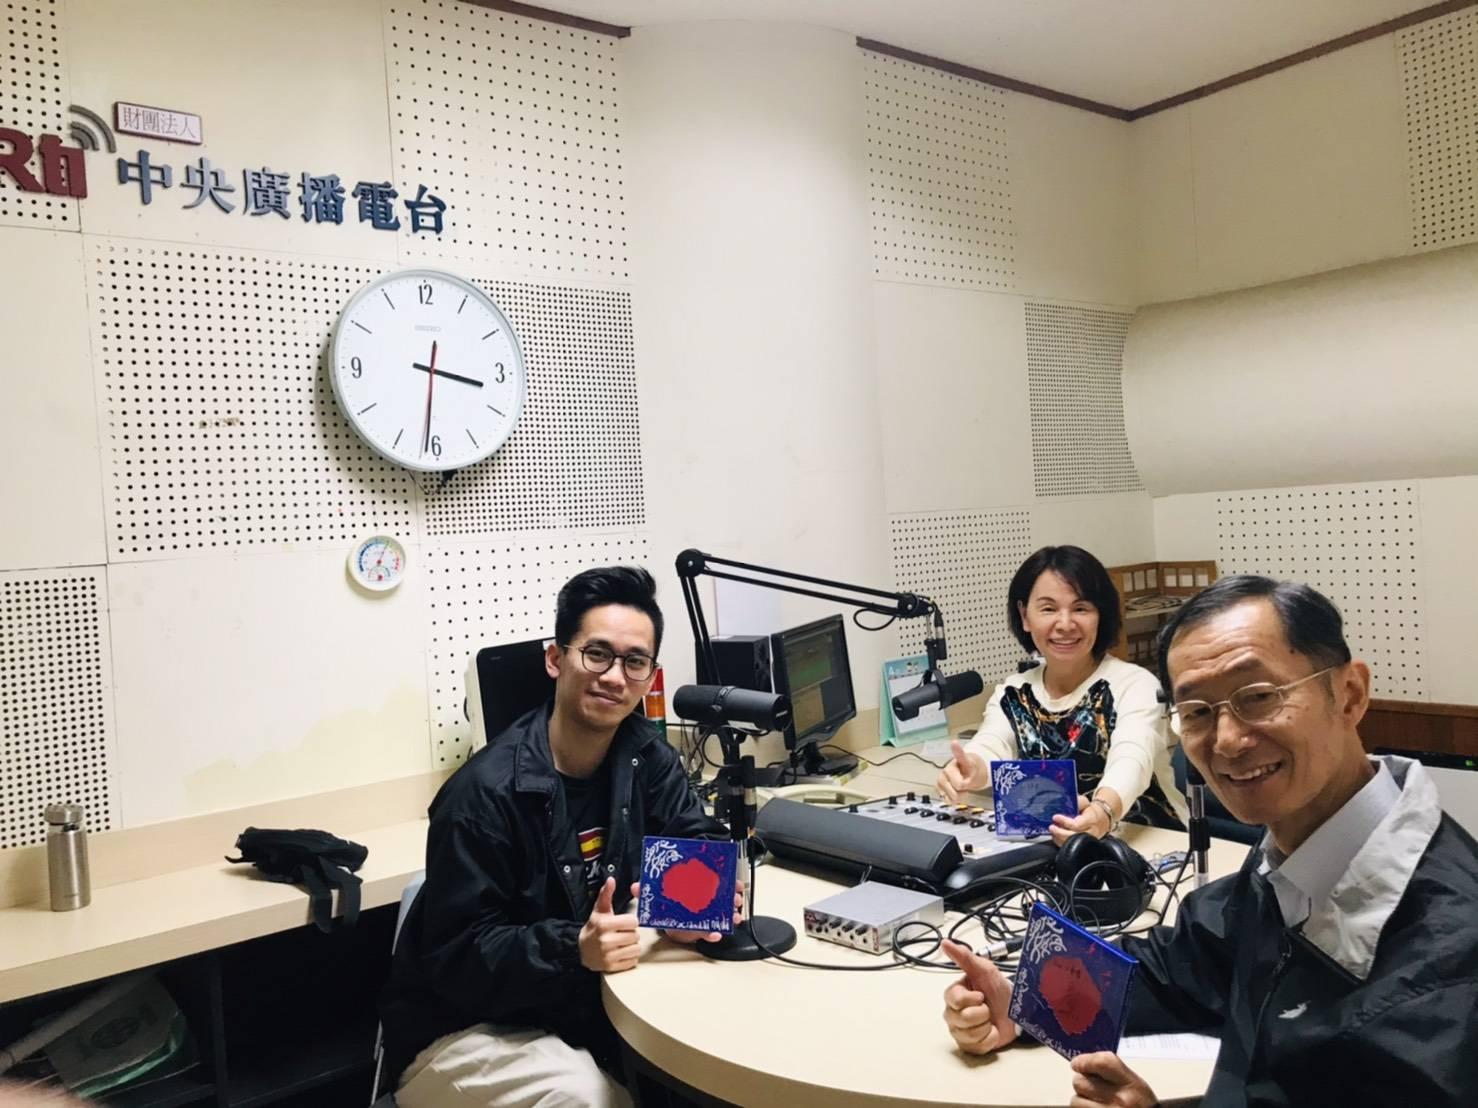 分享客家後生創作歌手陳瑋儒的音樂之路(上)